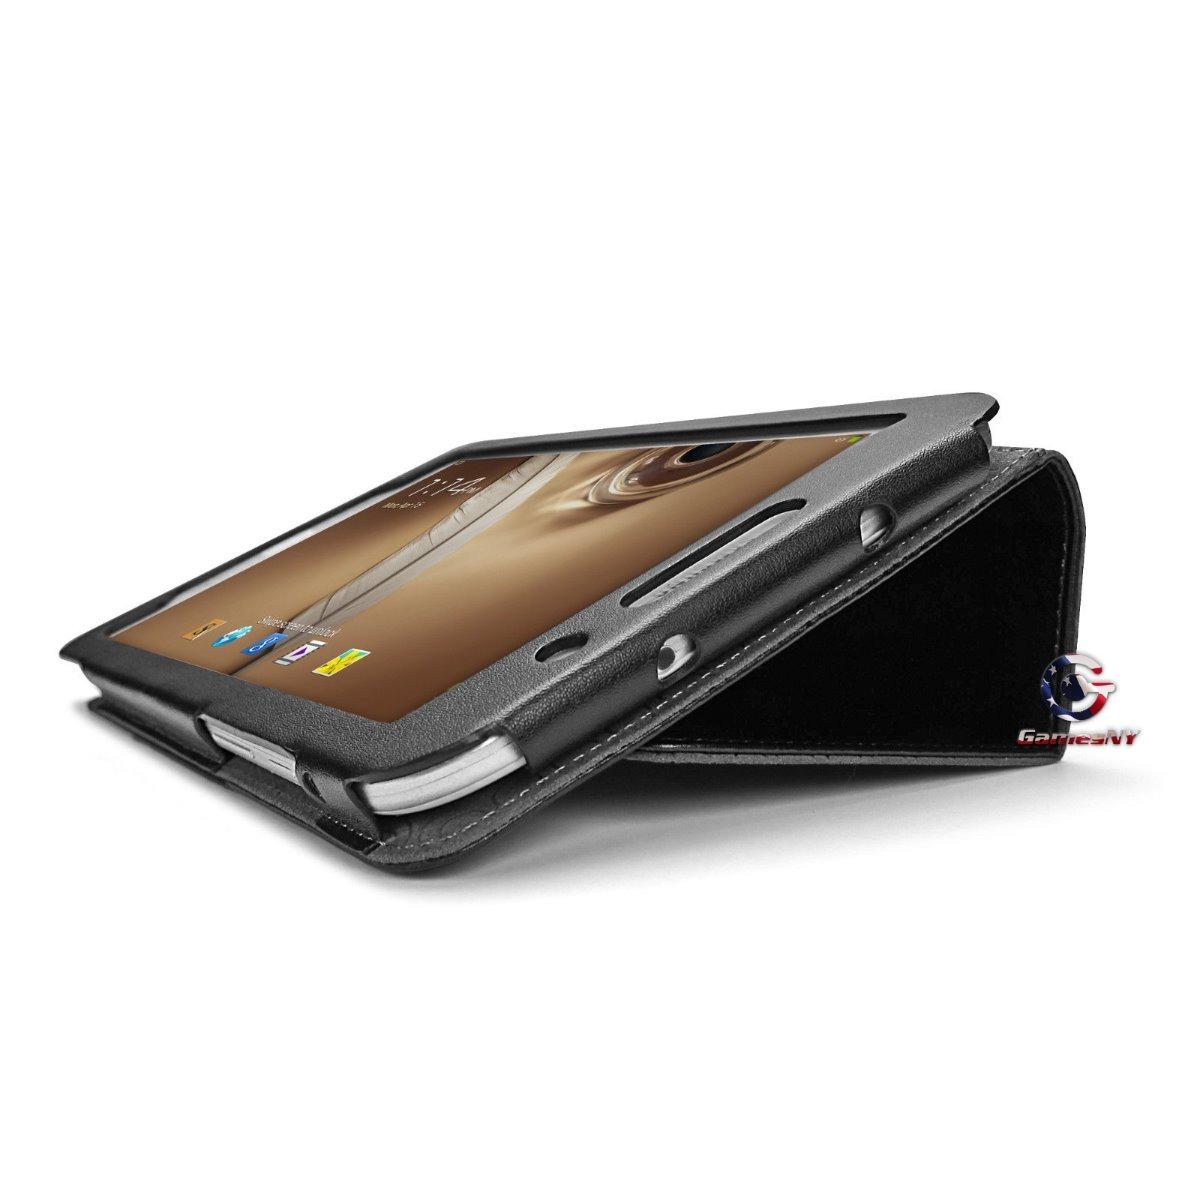 Capa E Suporte Para Galaxy Note 80 Iluv Simple Folio R 3990 Em